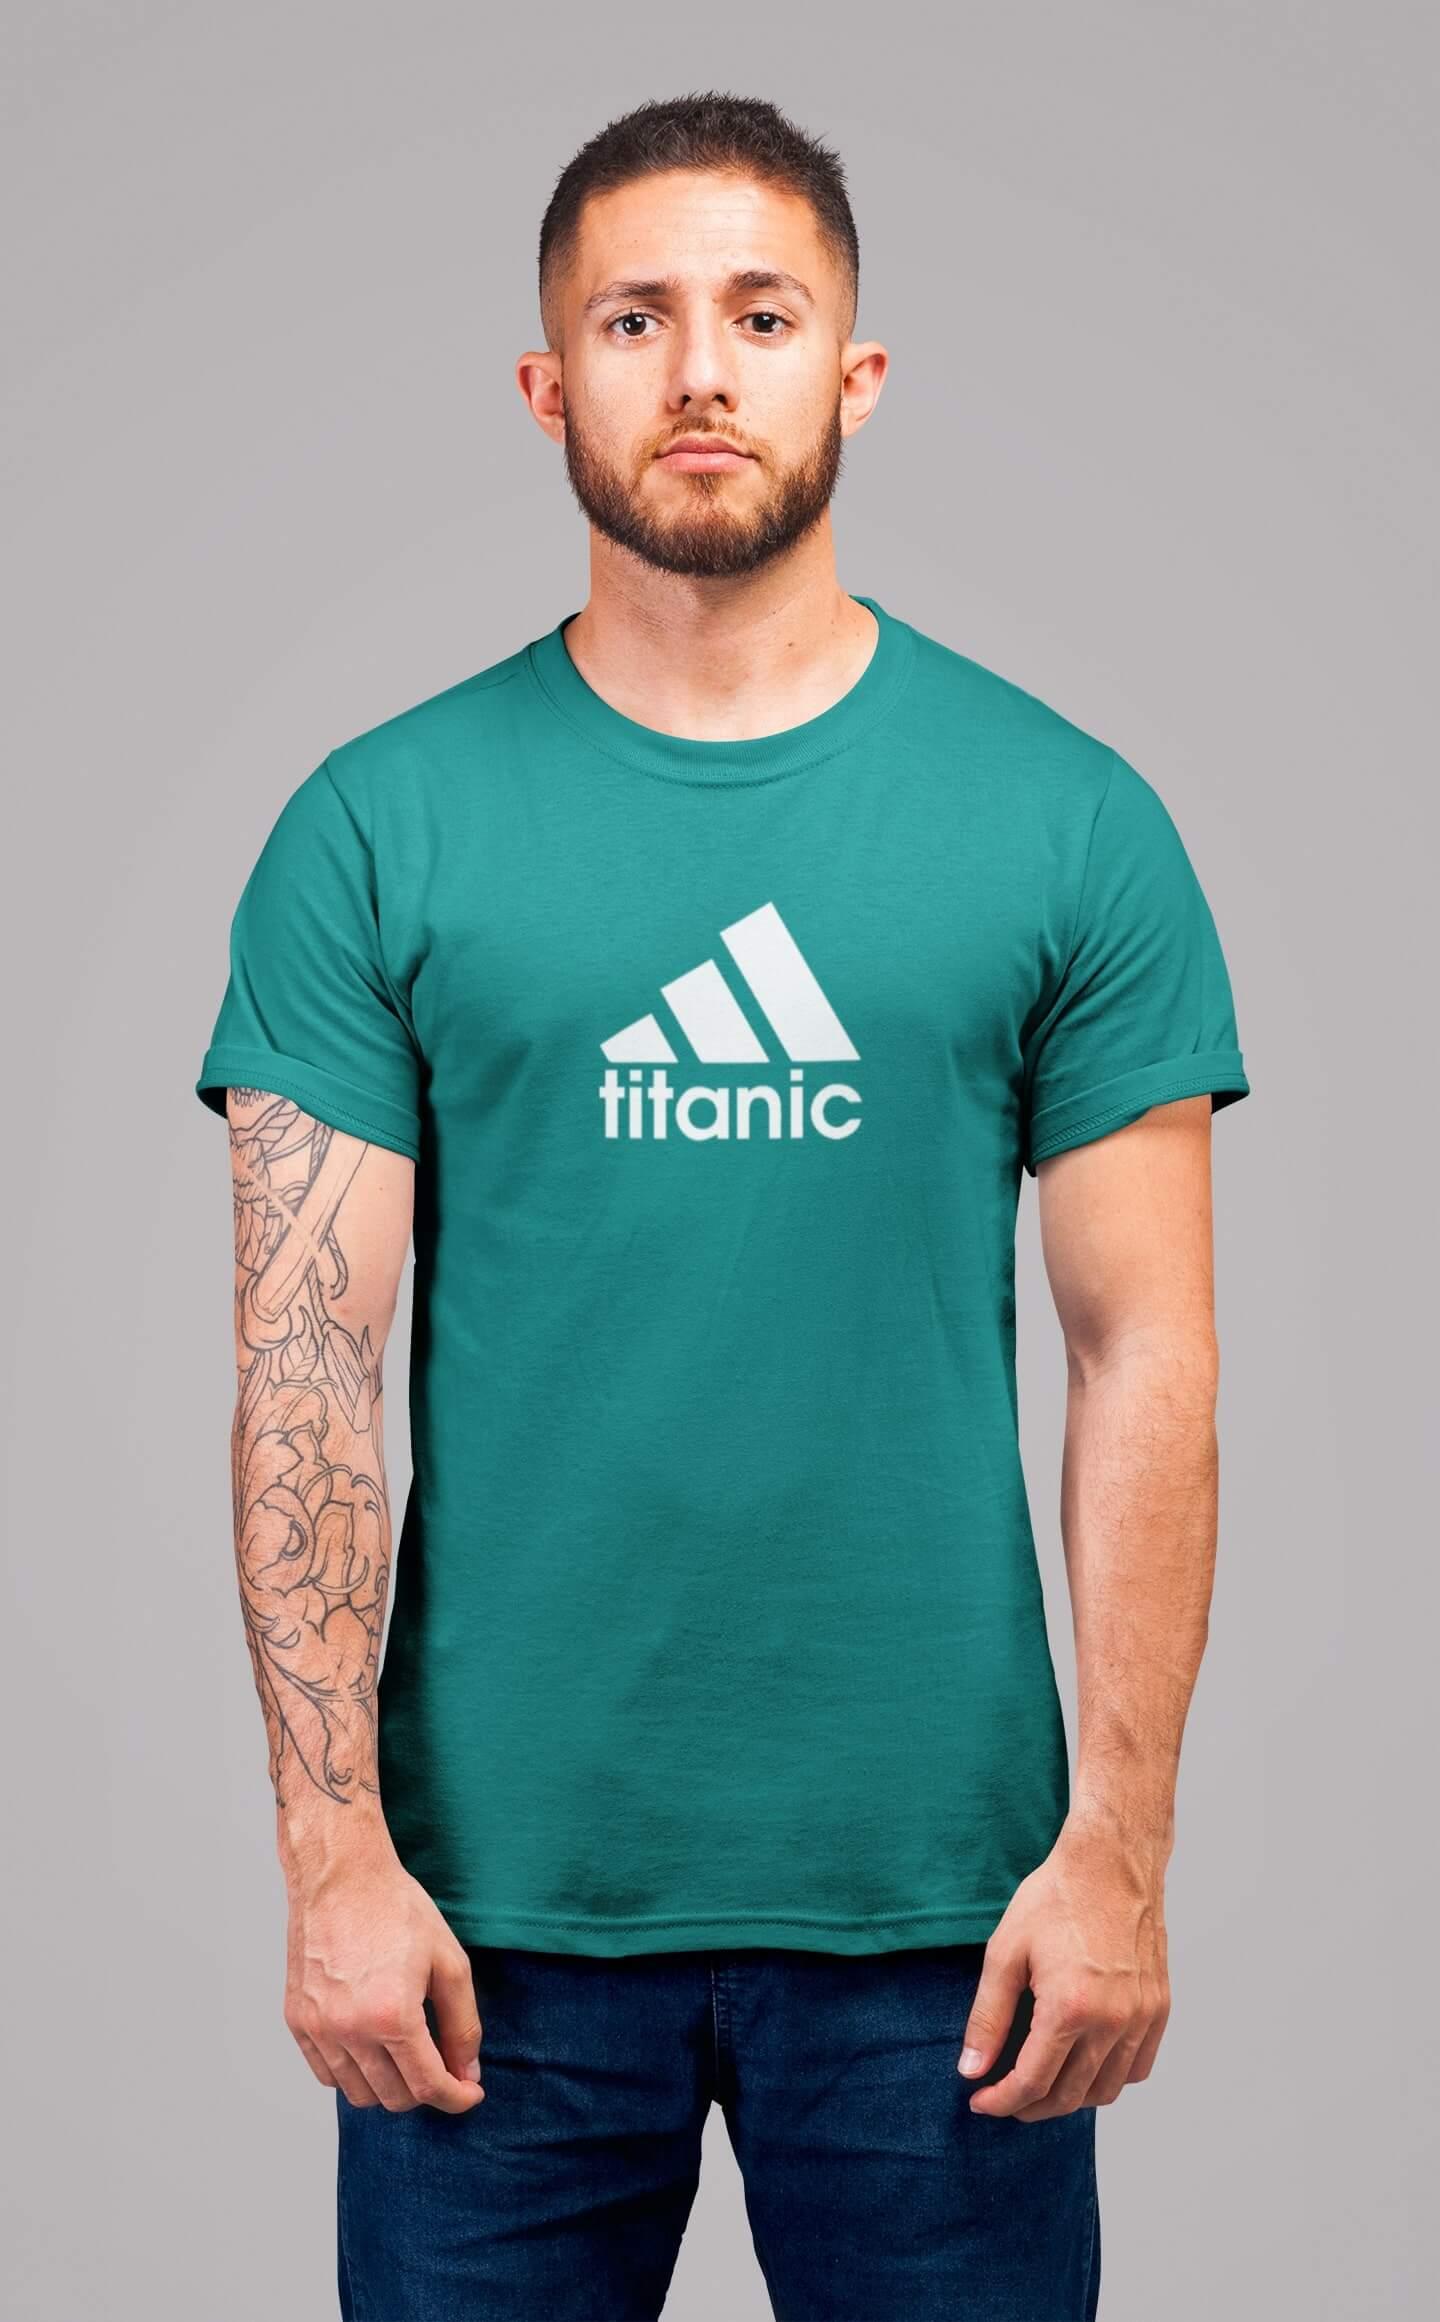 MMO Pánske tričko Titanic Vyberte farbu: Smaragdovozelená, Vyberte veľkosť: 2XL